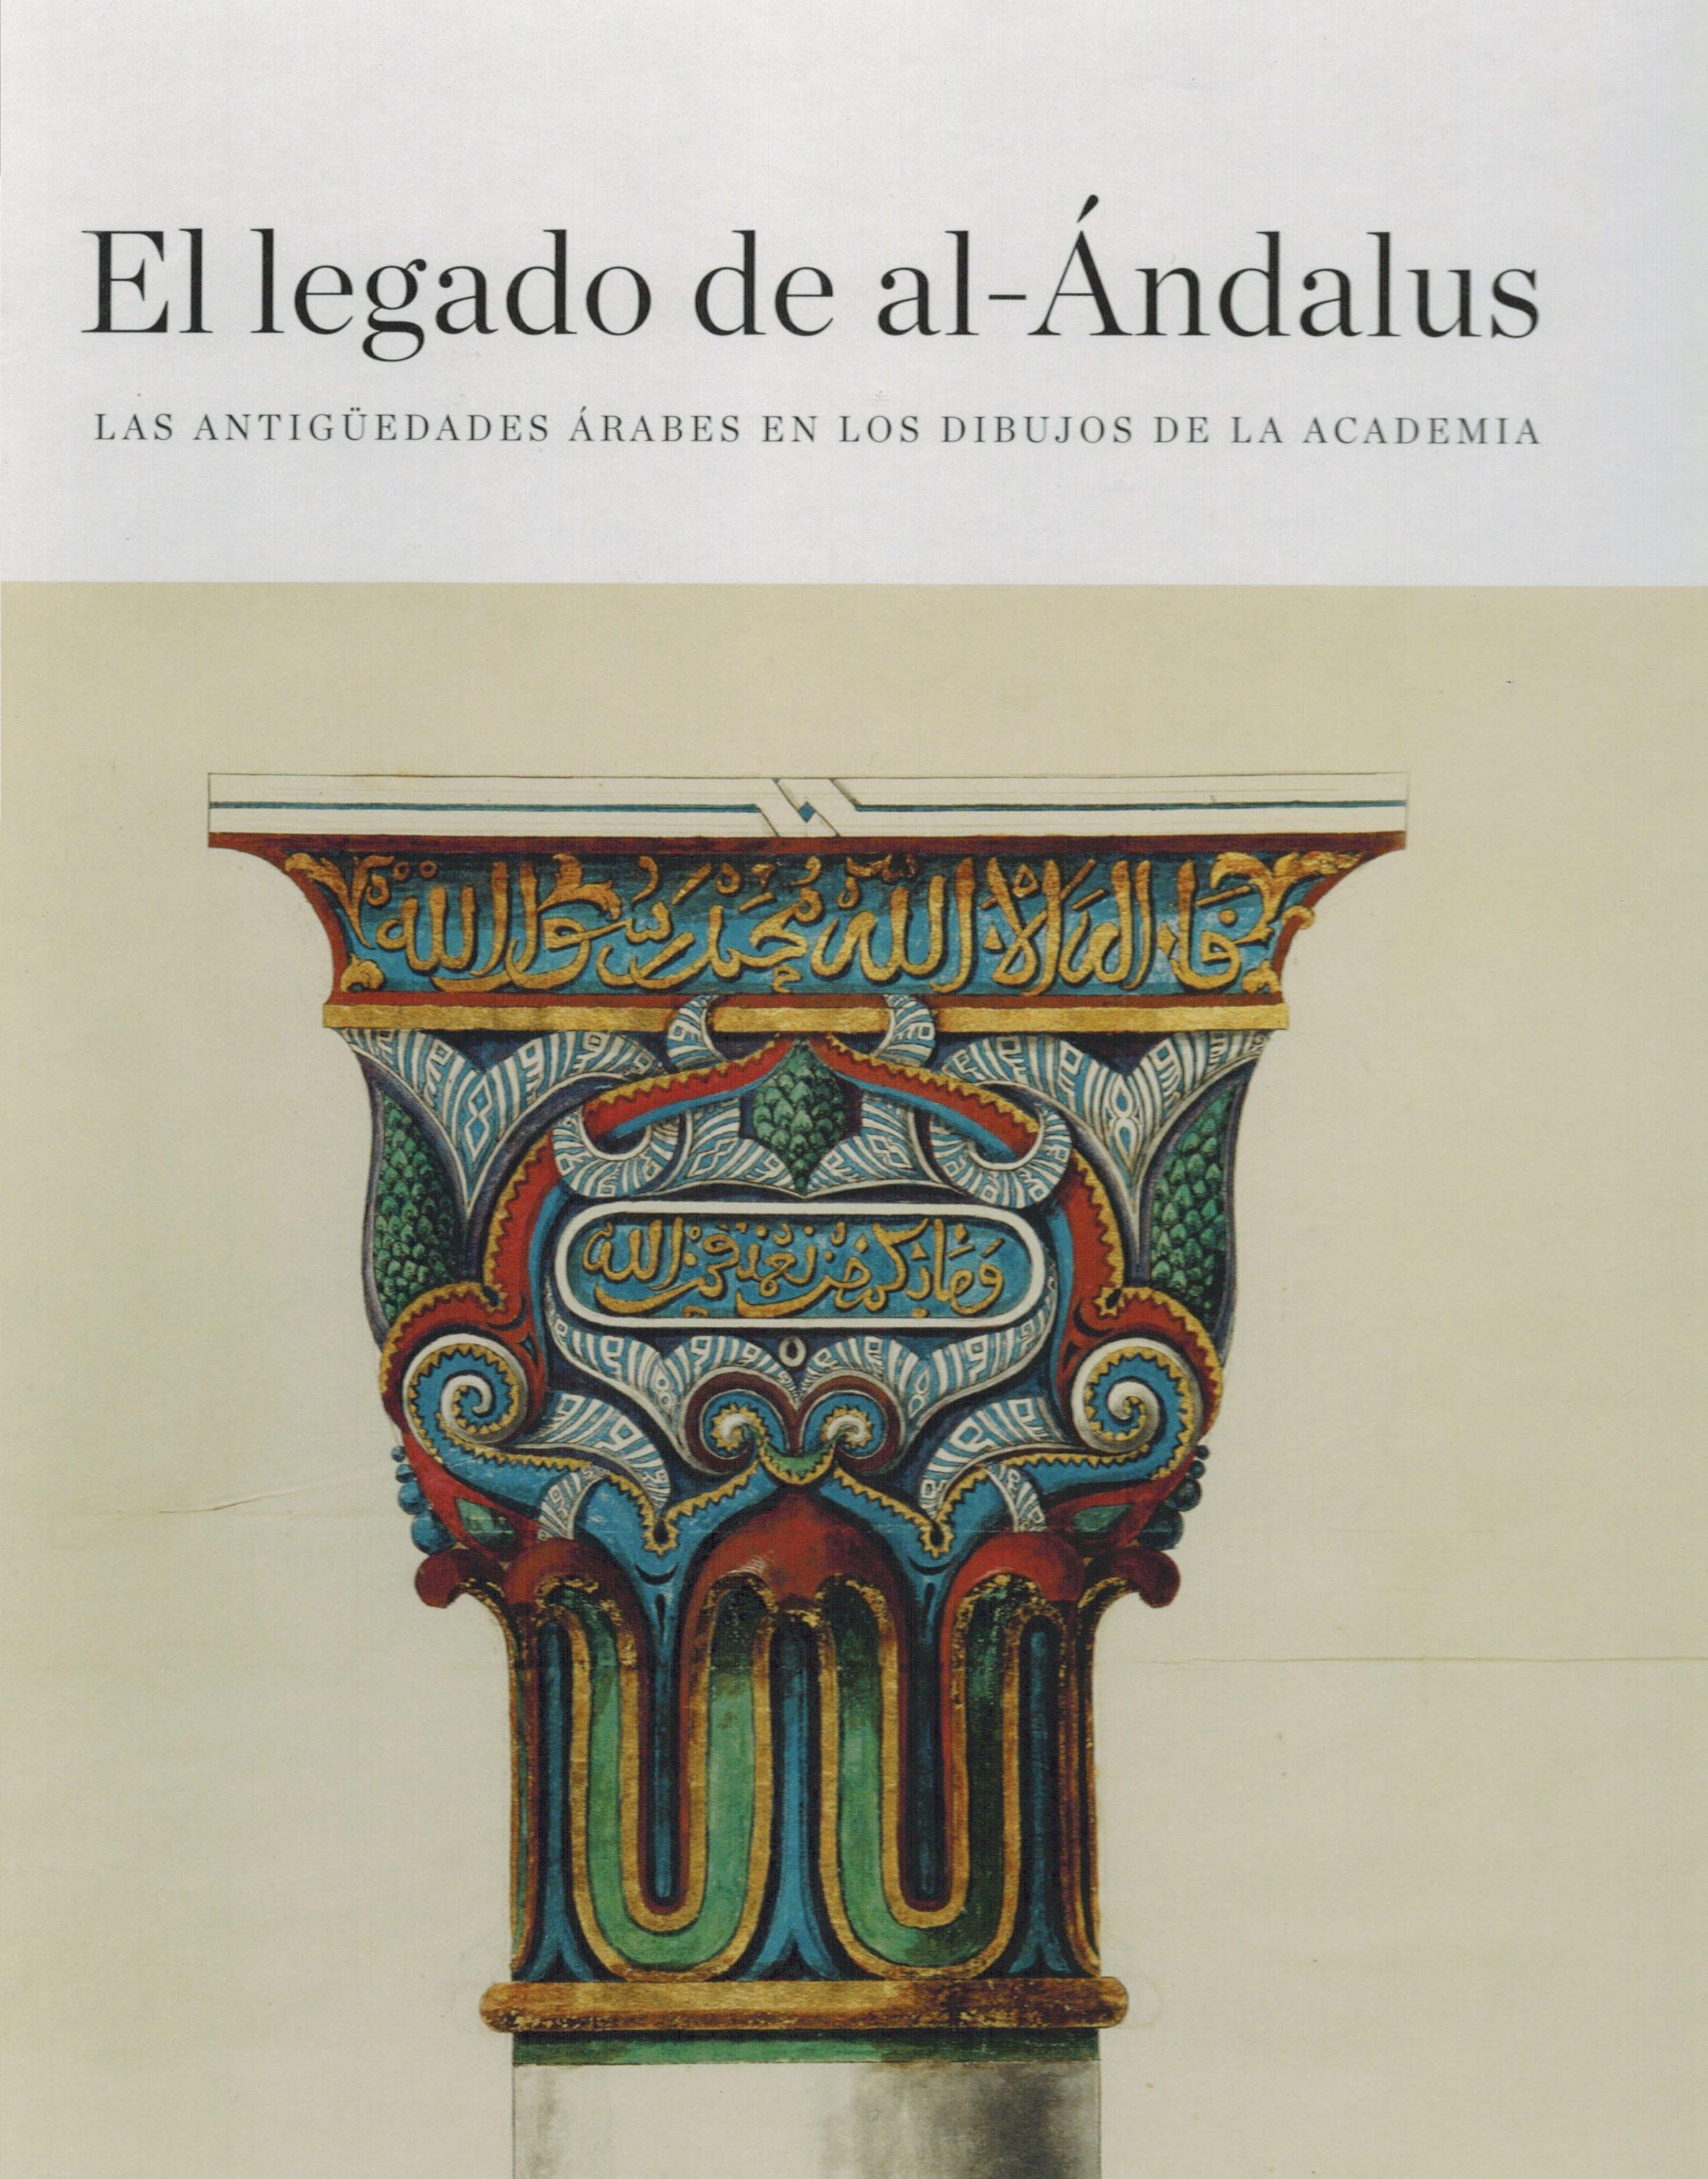 el legado de alandalus las antigedades arabes en los dibujos de la academia